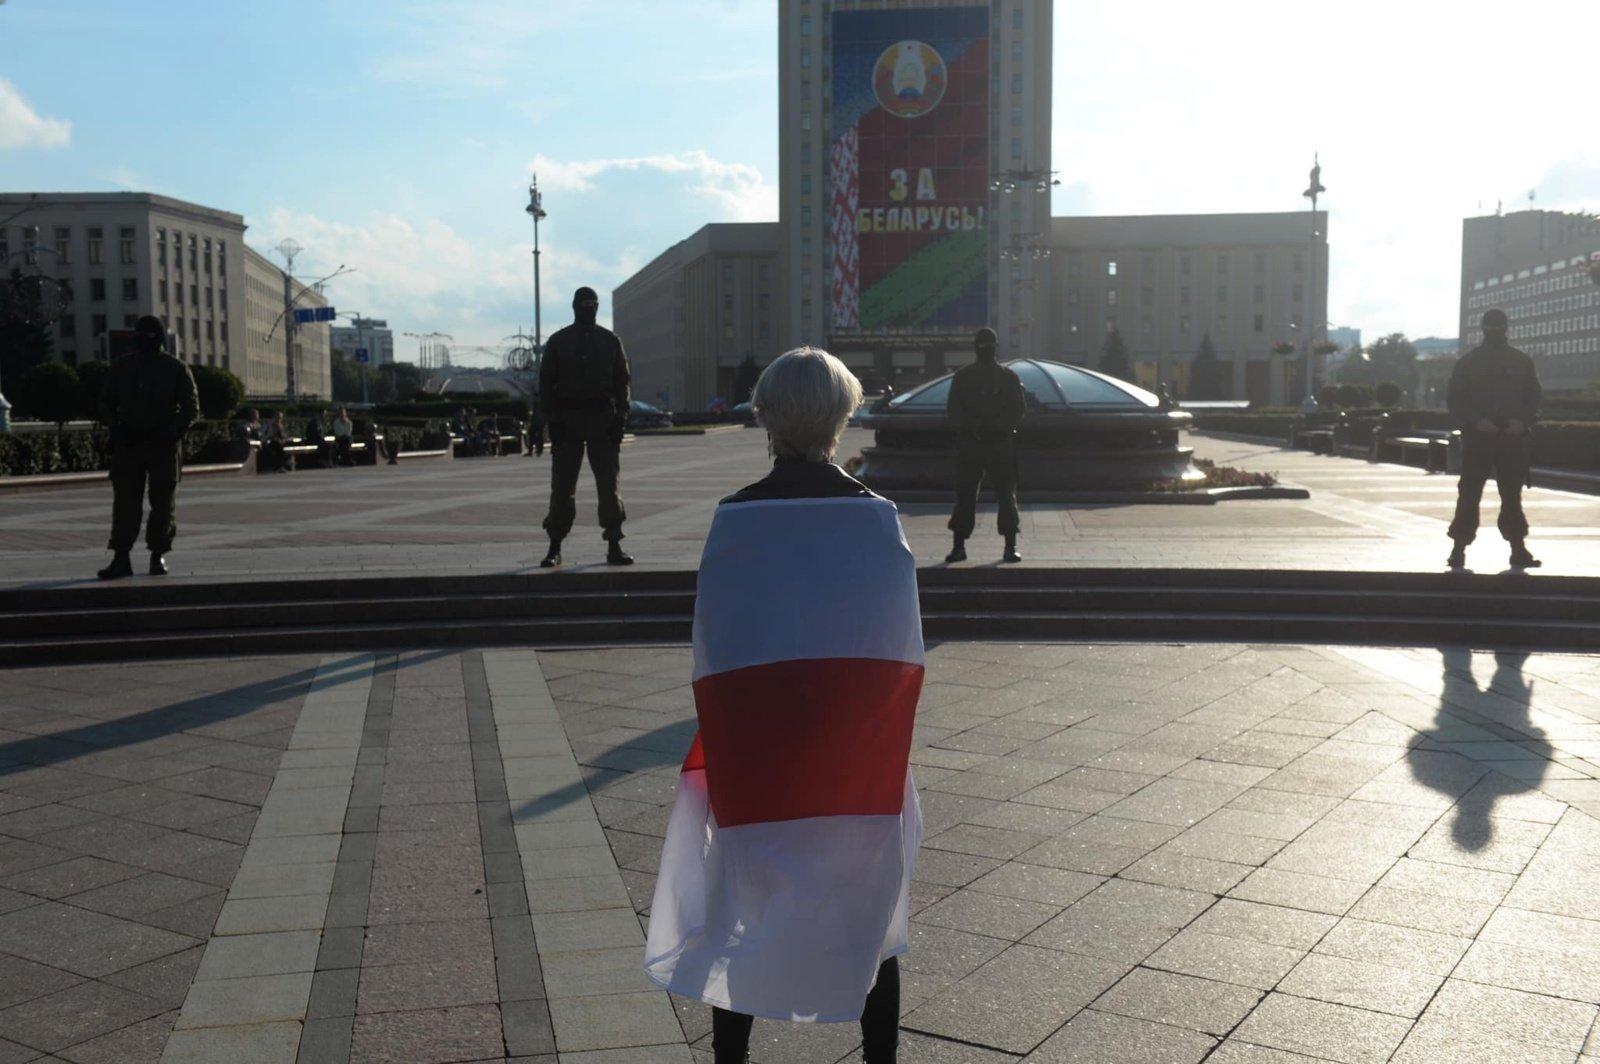 Į Lietuvą dėl humanitarinių priežasčių atvykti leista 798 Baltarusijos piliečiams